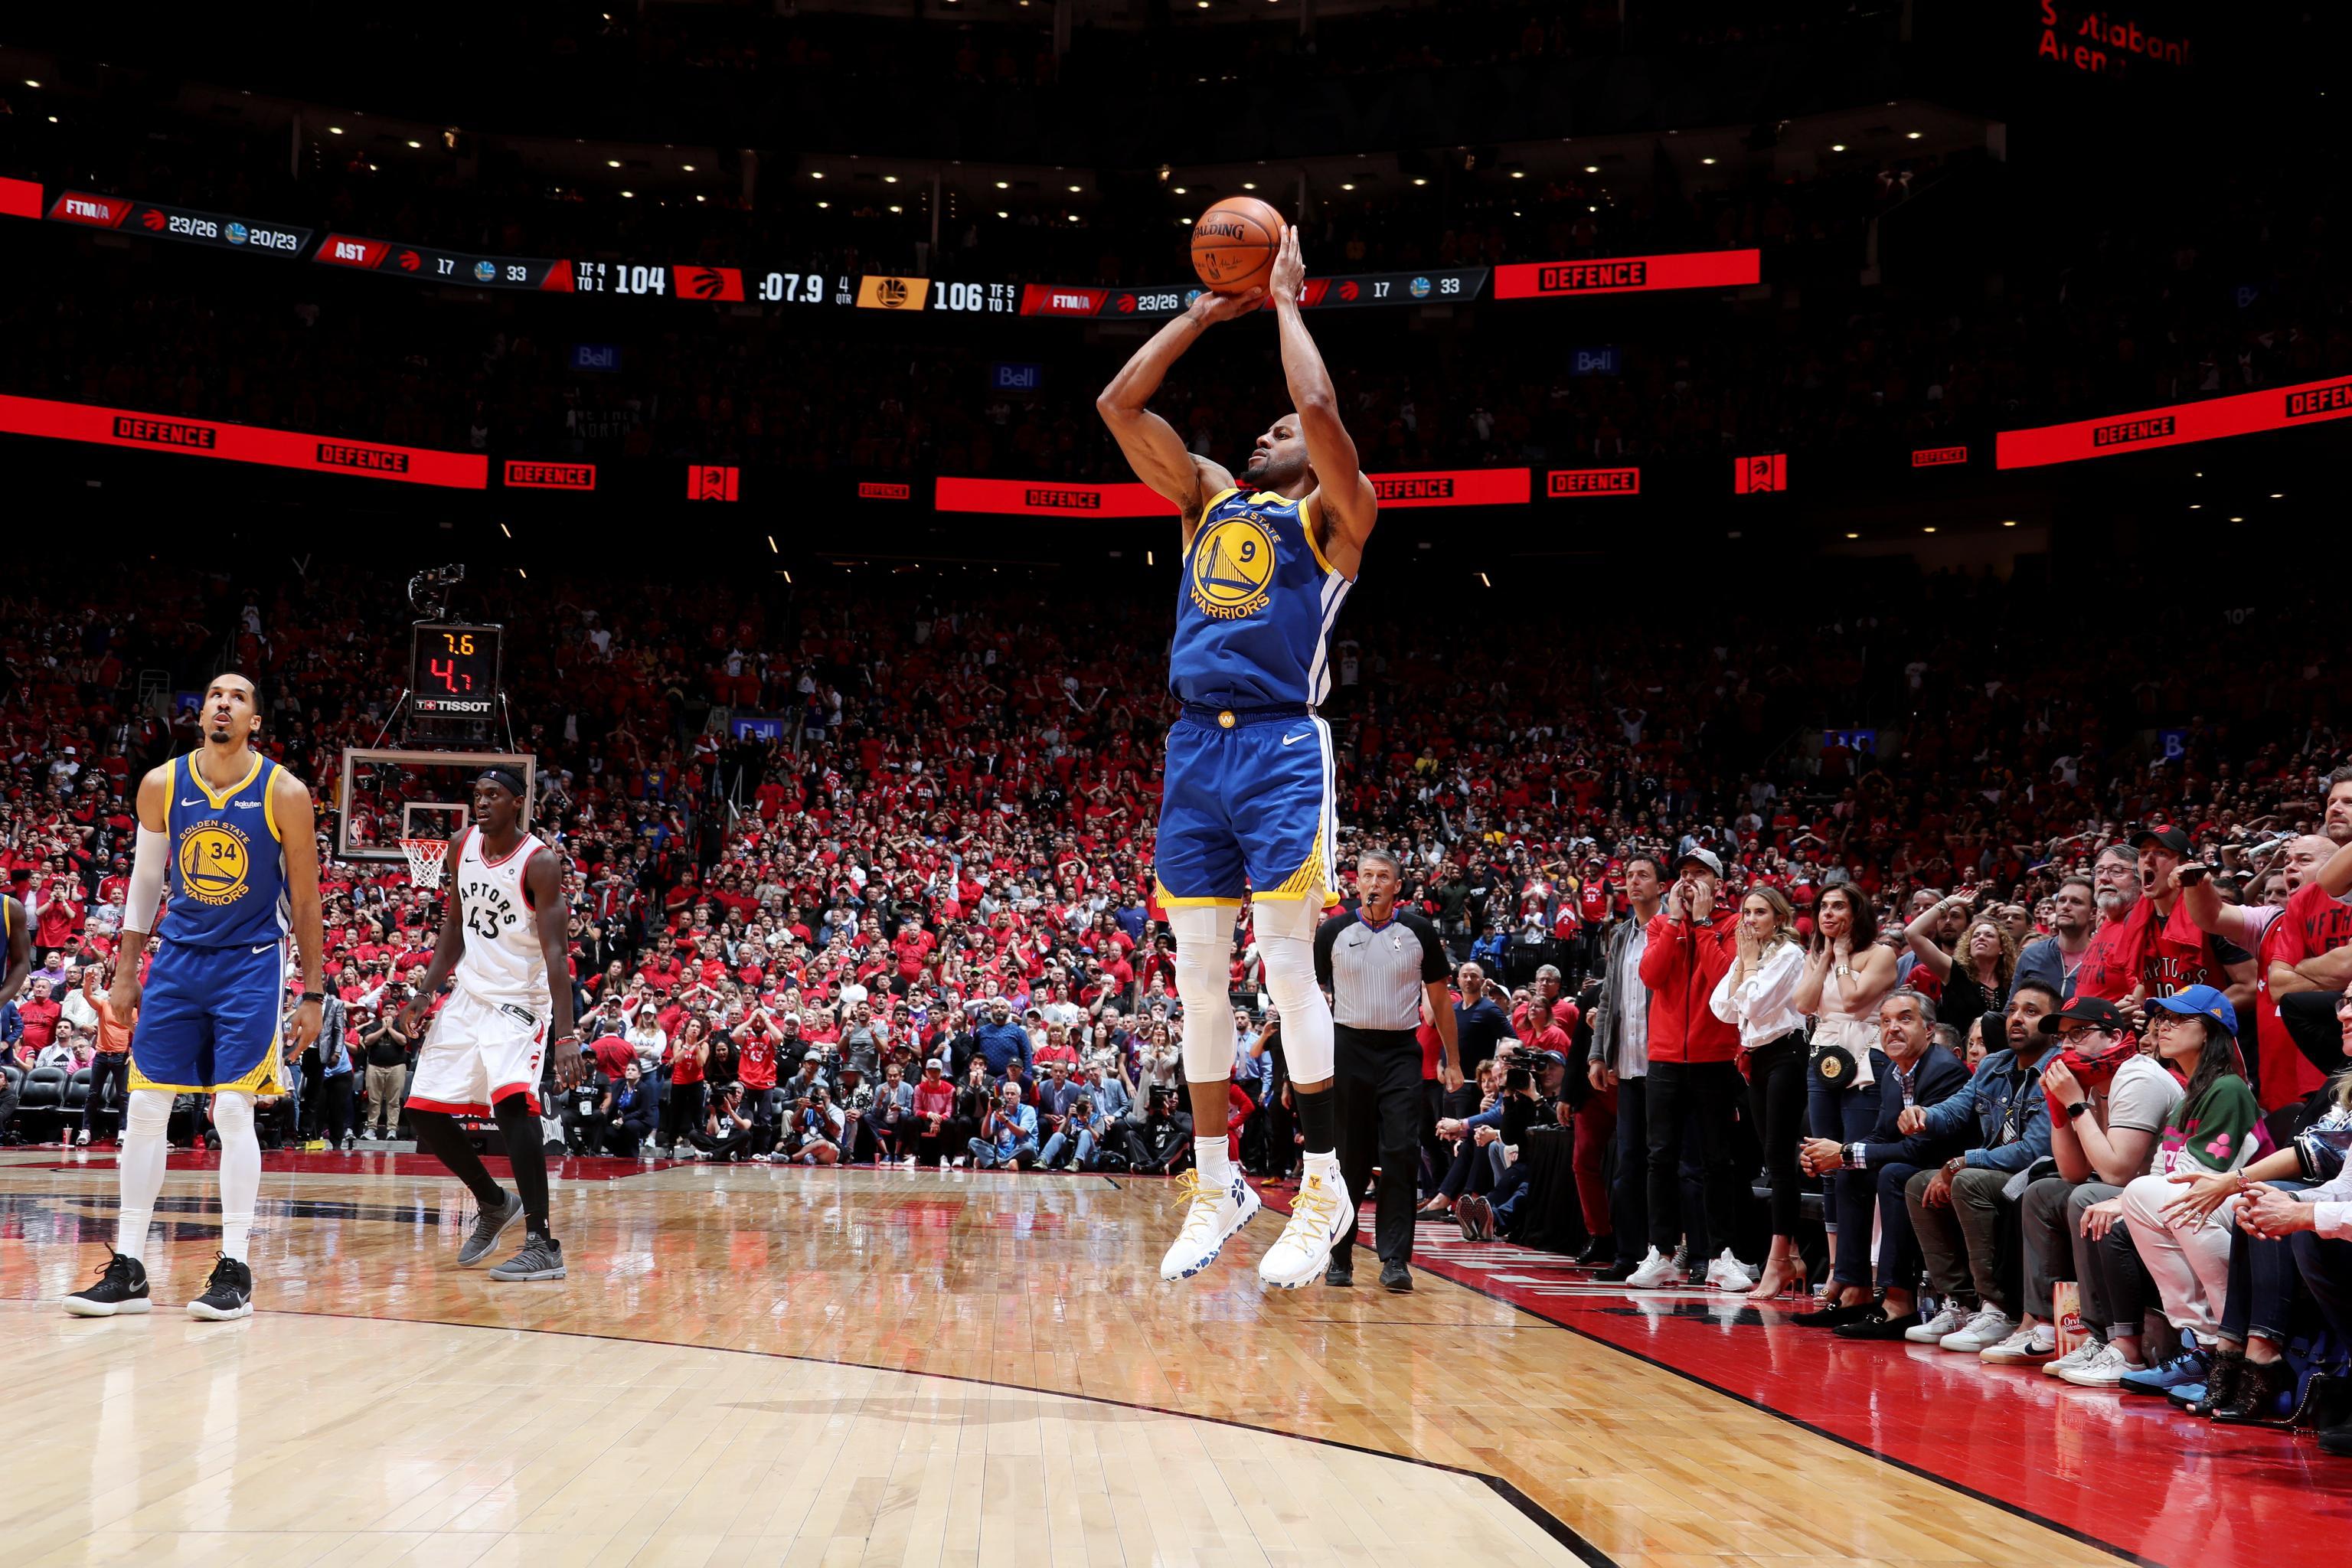 NBA Finals odds basketball betting